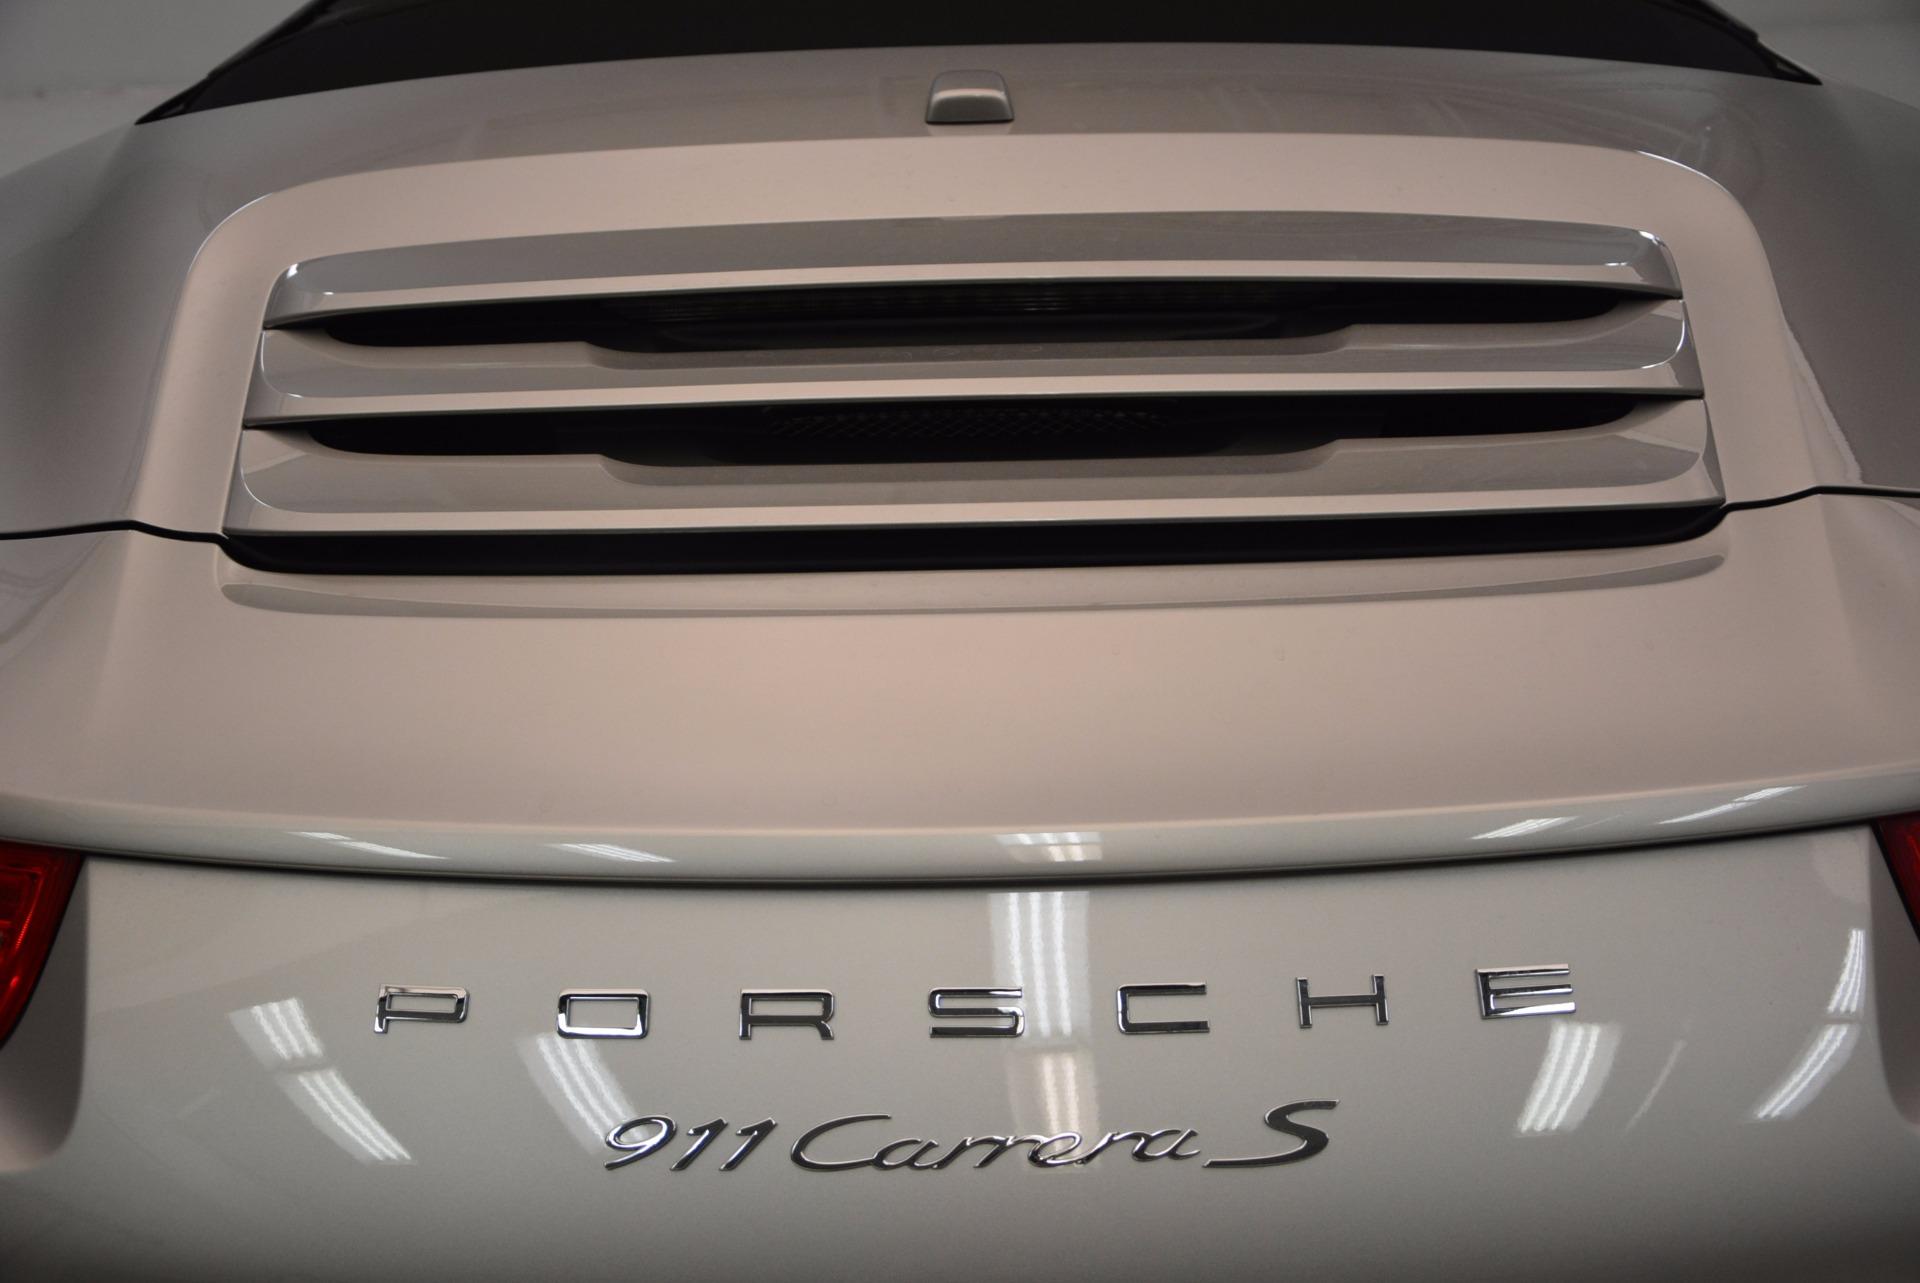 Used 2012 Porsche 911 Carrera S For Sale In Greenwich, CT 1790_p39